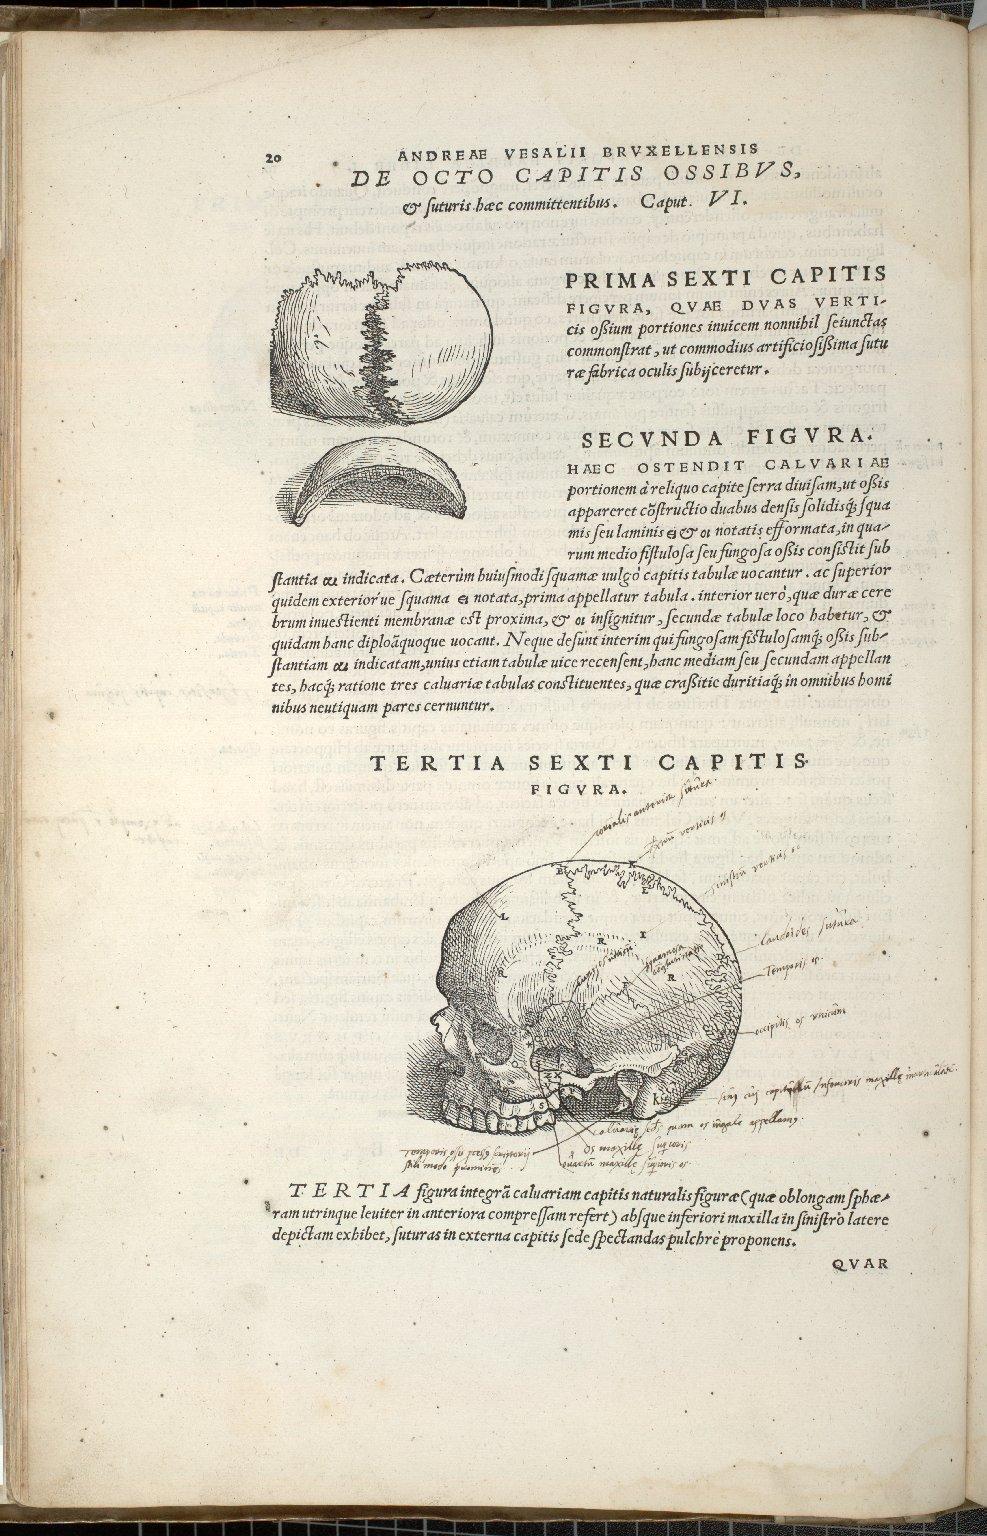 De Octo Capitis Ossibus et futuris haec commenttentibus. Caput VI. Fig.I-III